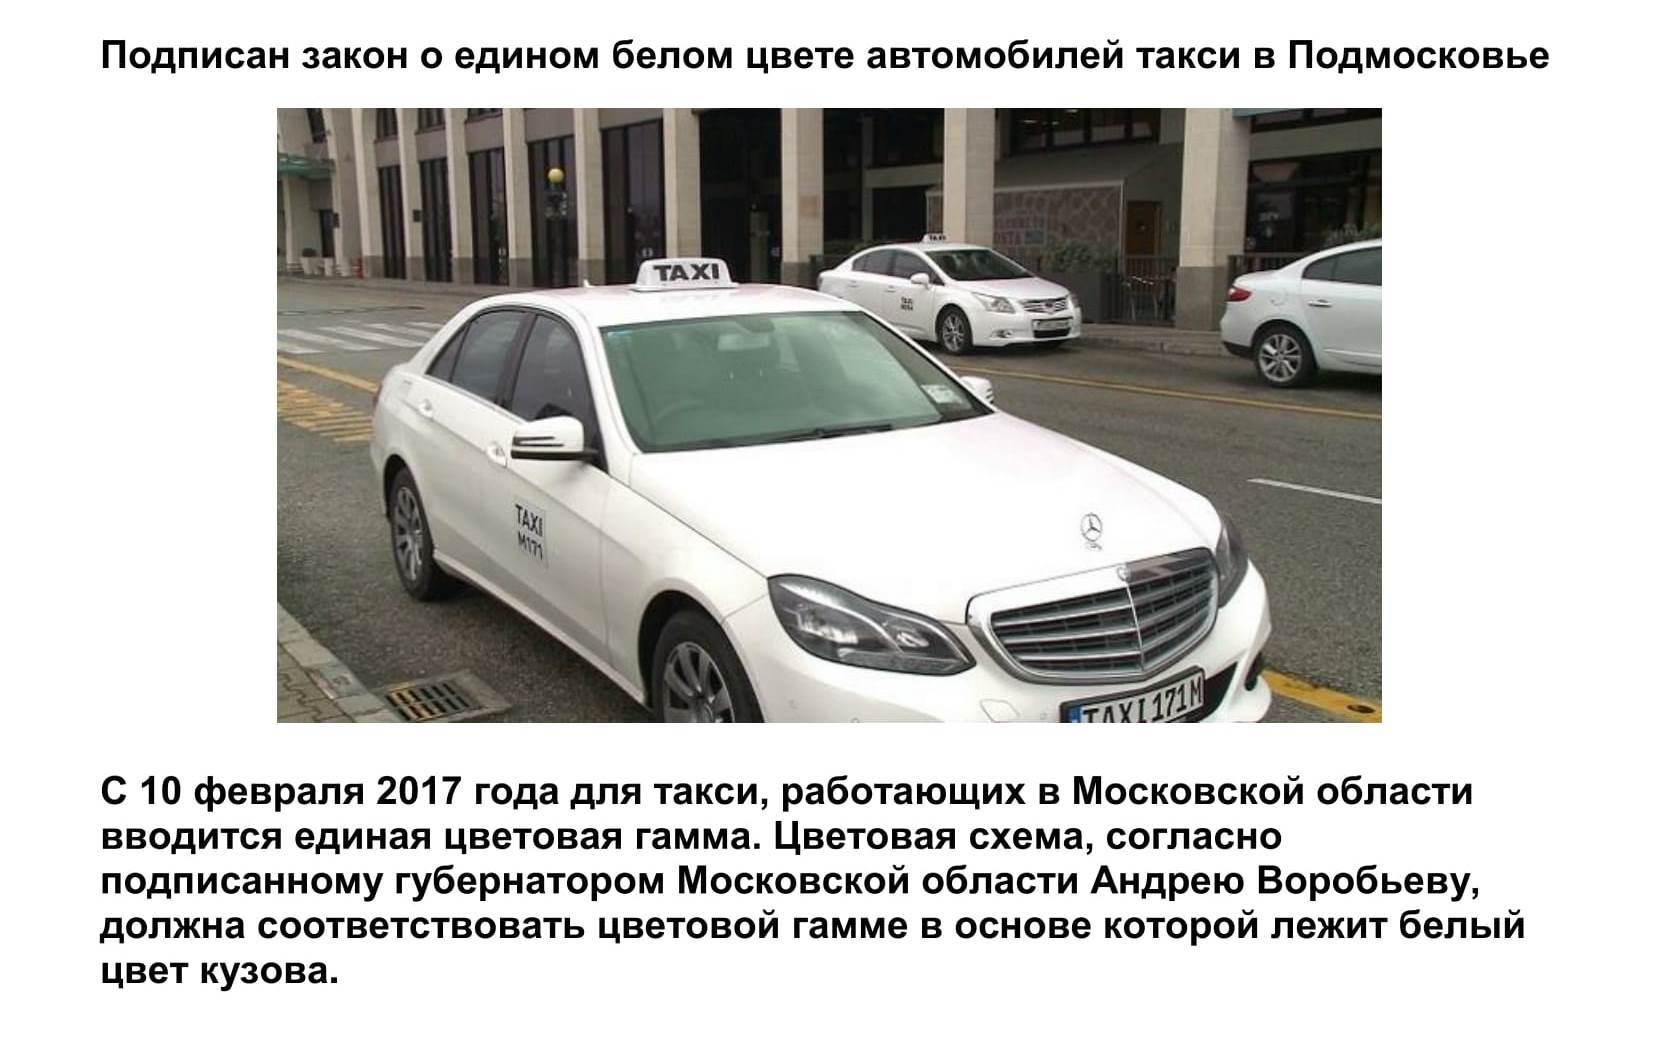 Как сделать лицензию для такси официально